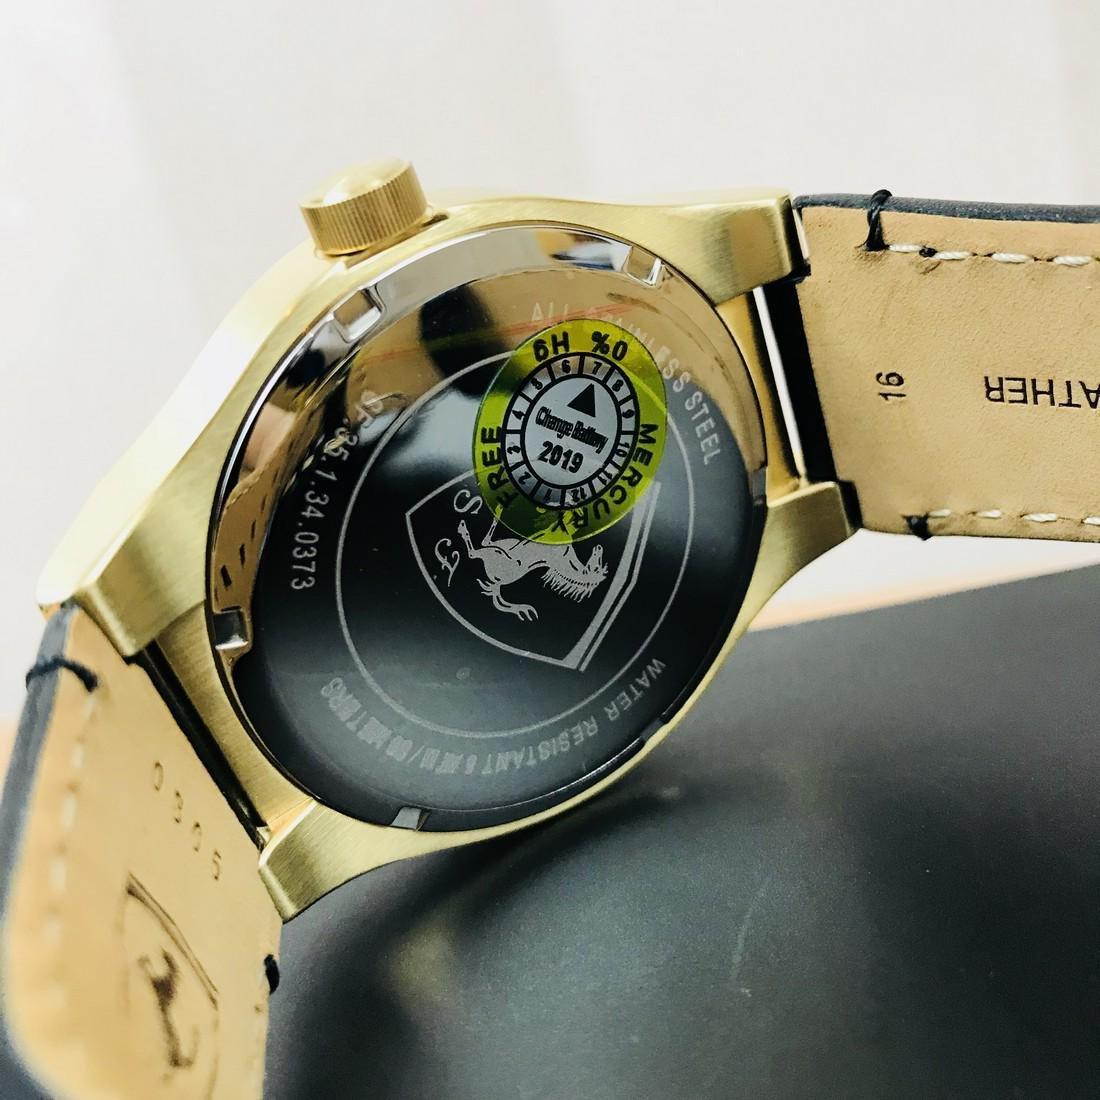 Scuderia Ferrari – SPECIALE Men's Gold Plated Watch - 7